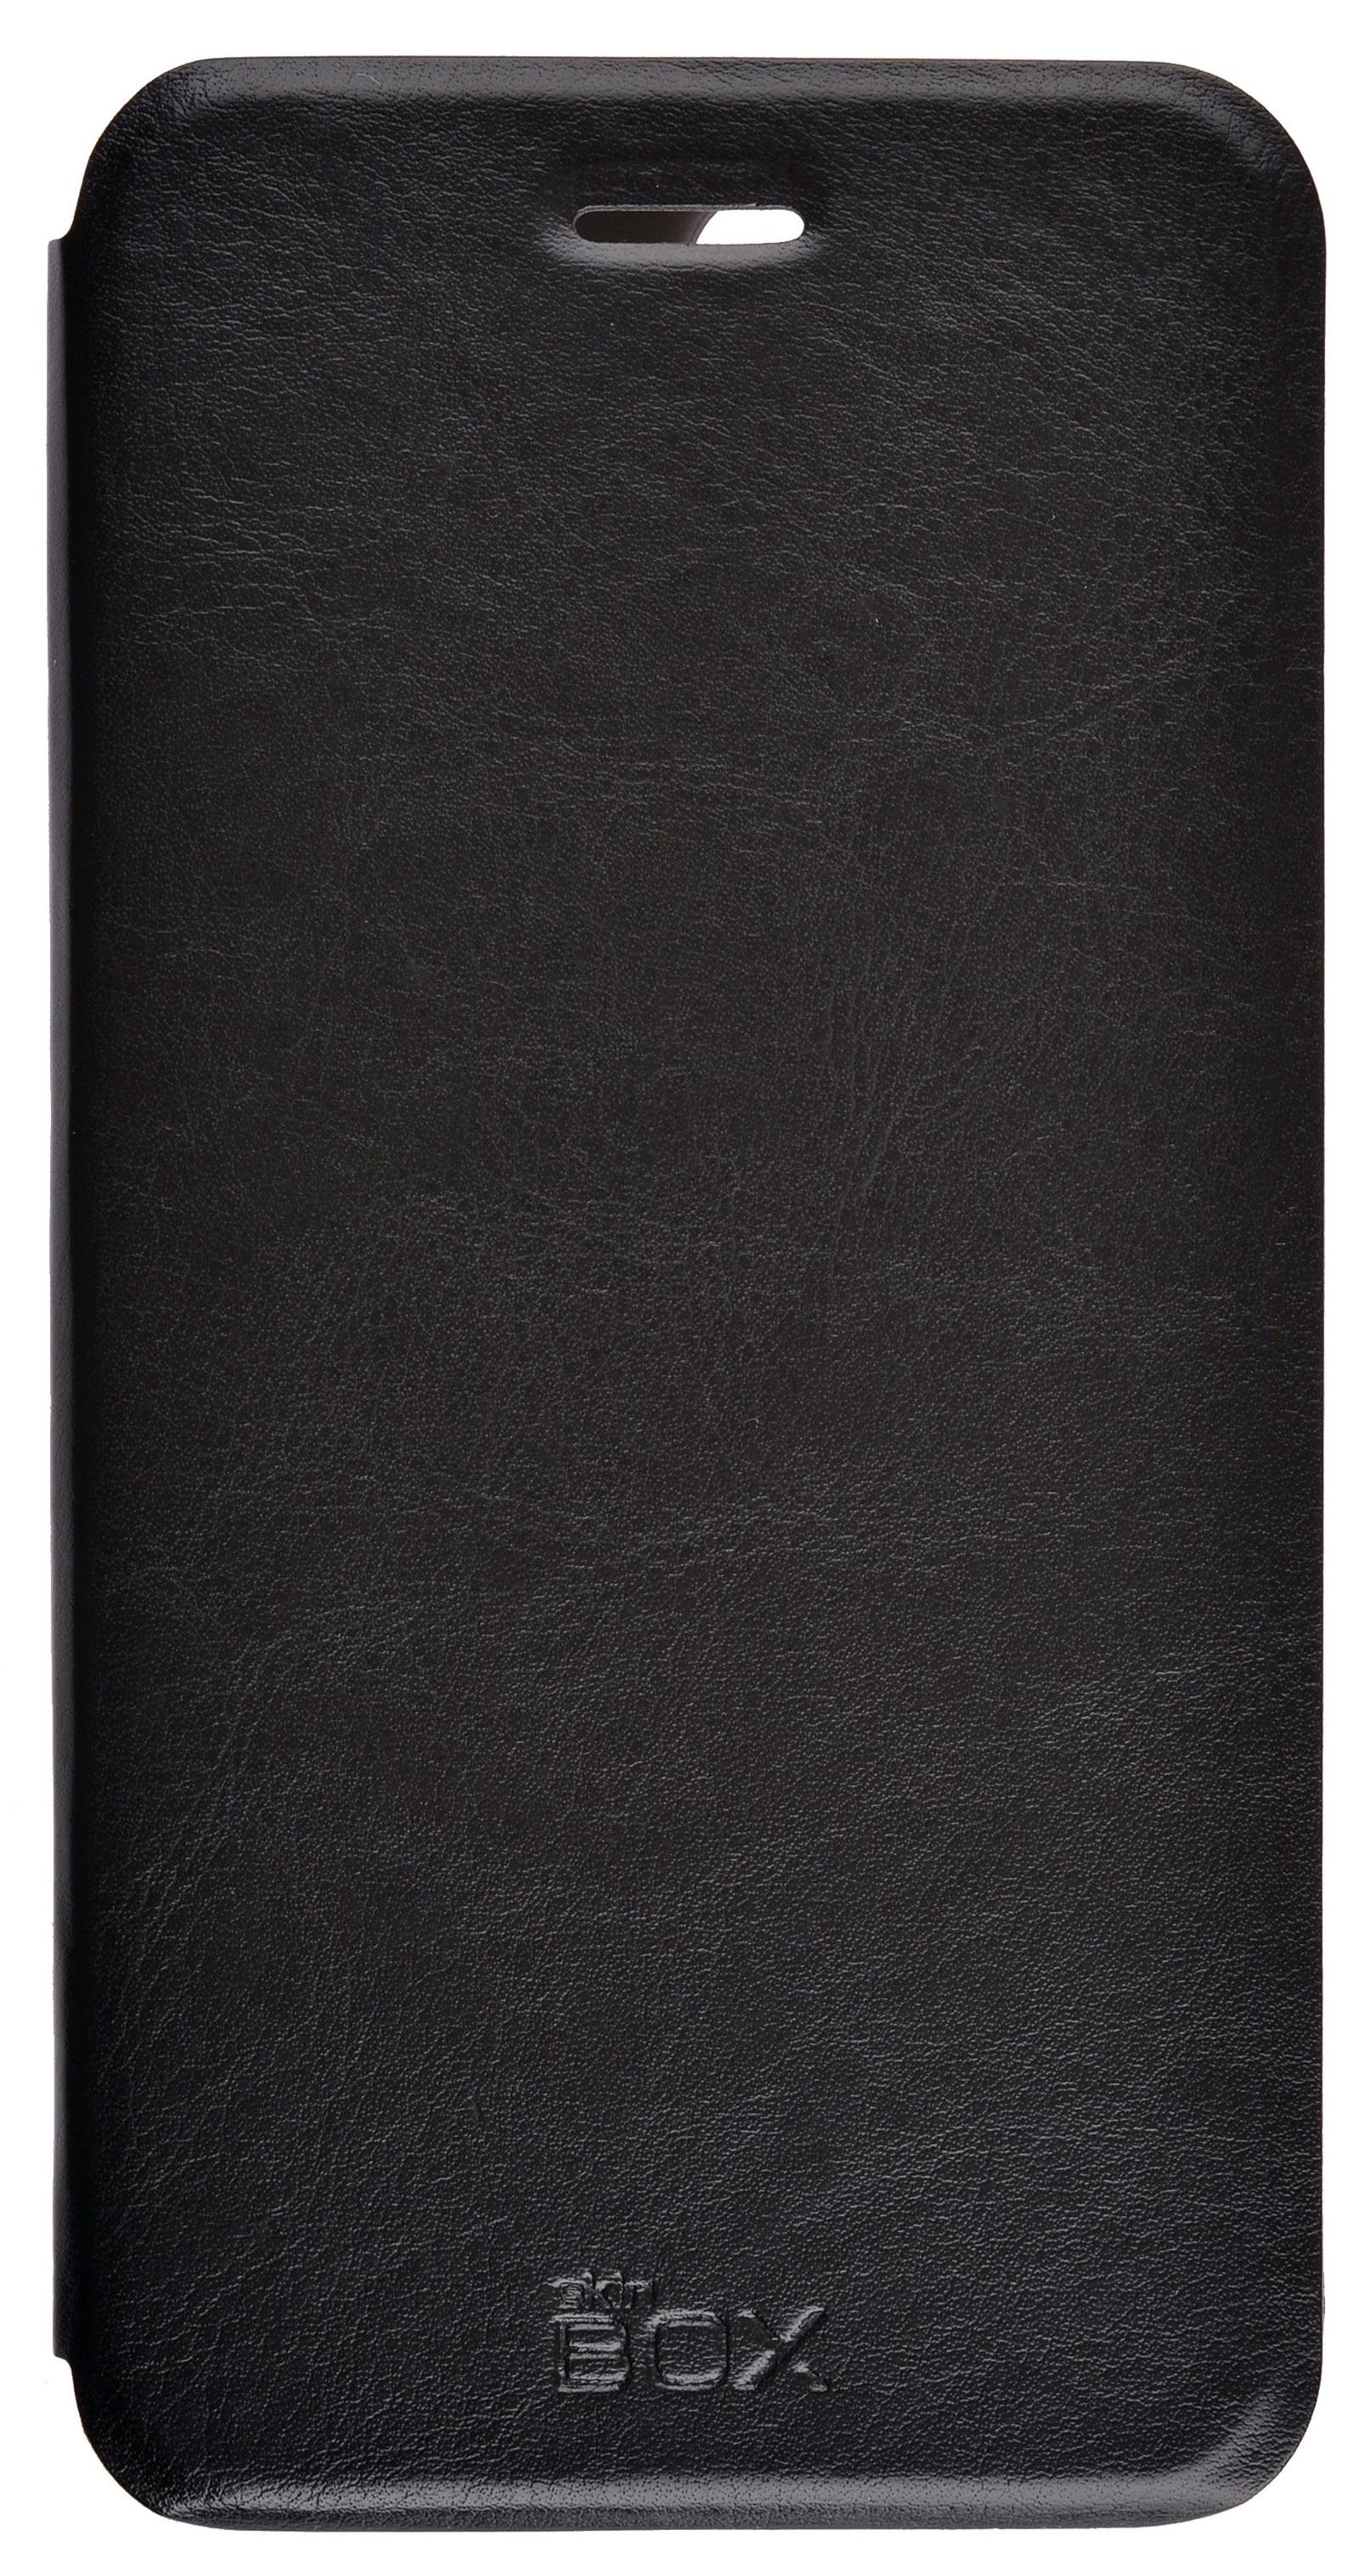 Чехол для сотового телефона skinBOX Lux, 4630042528819, черный стоимость